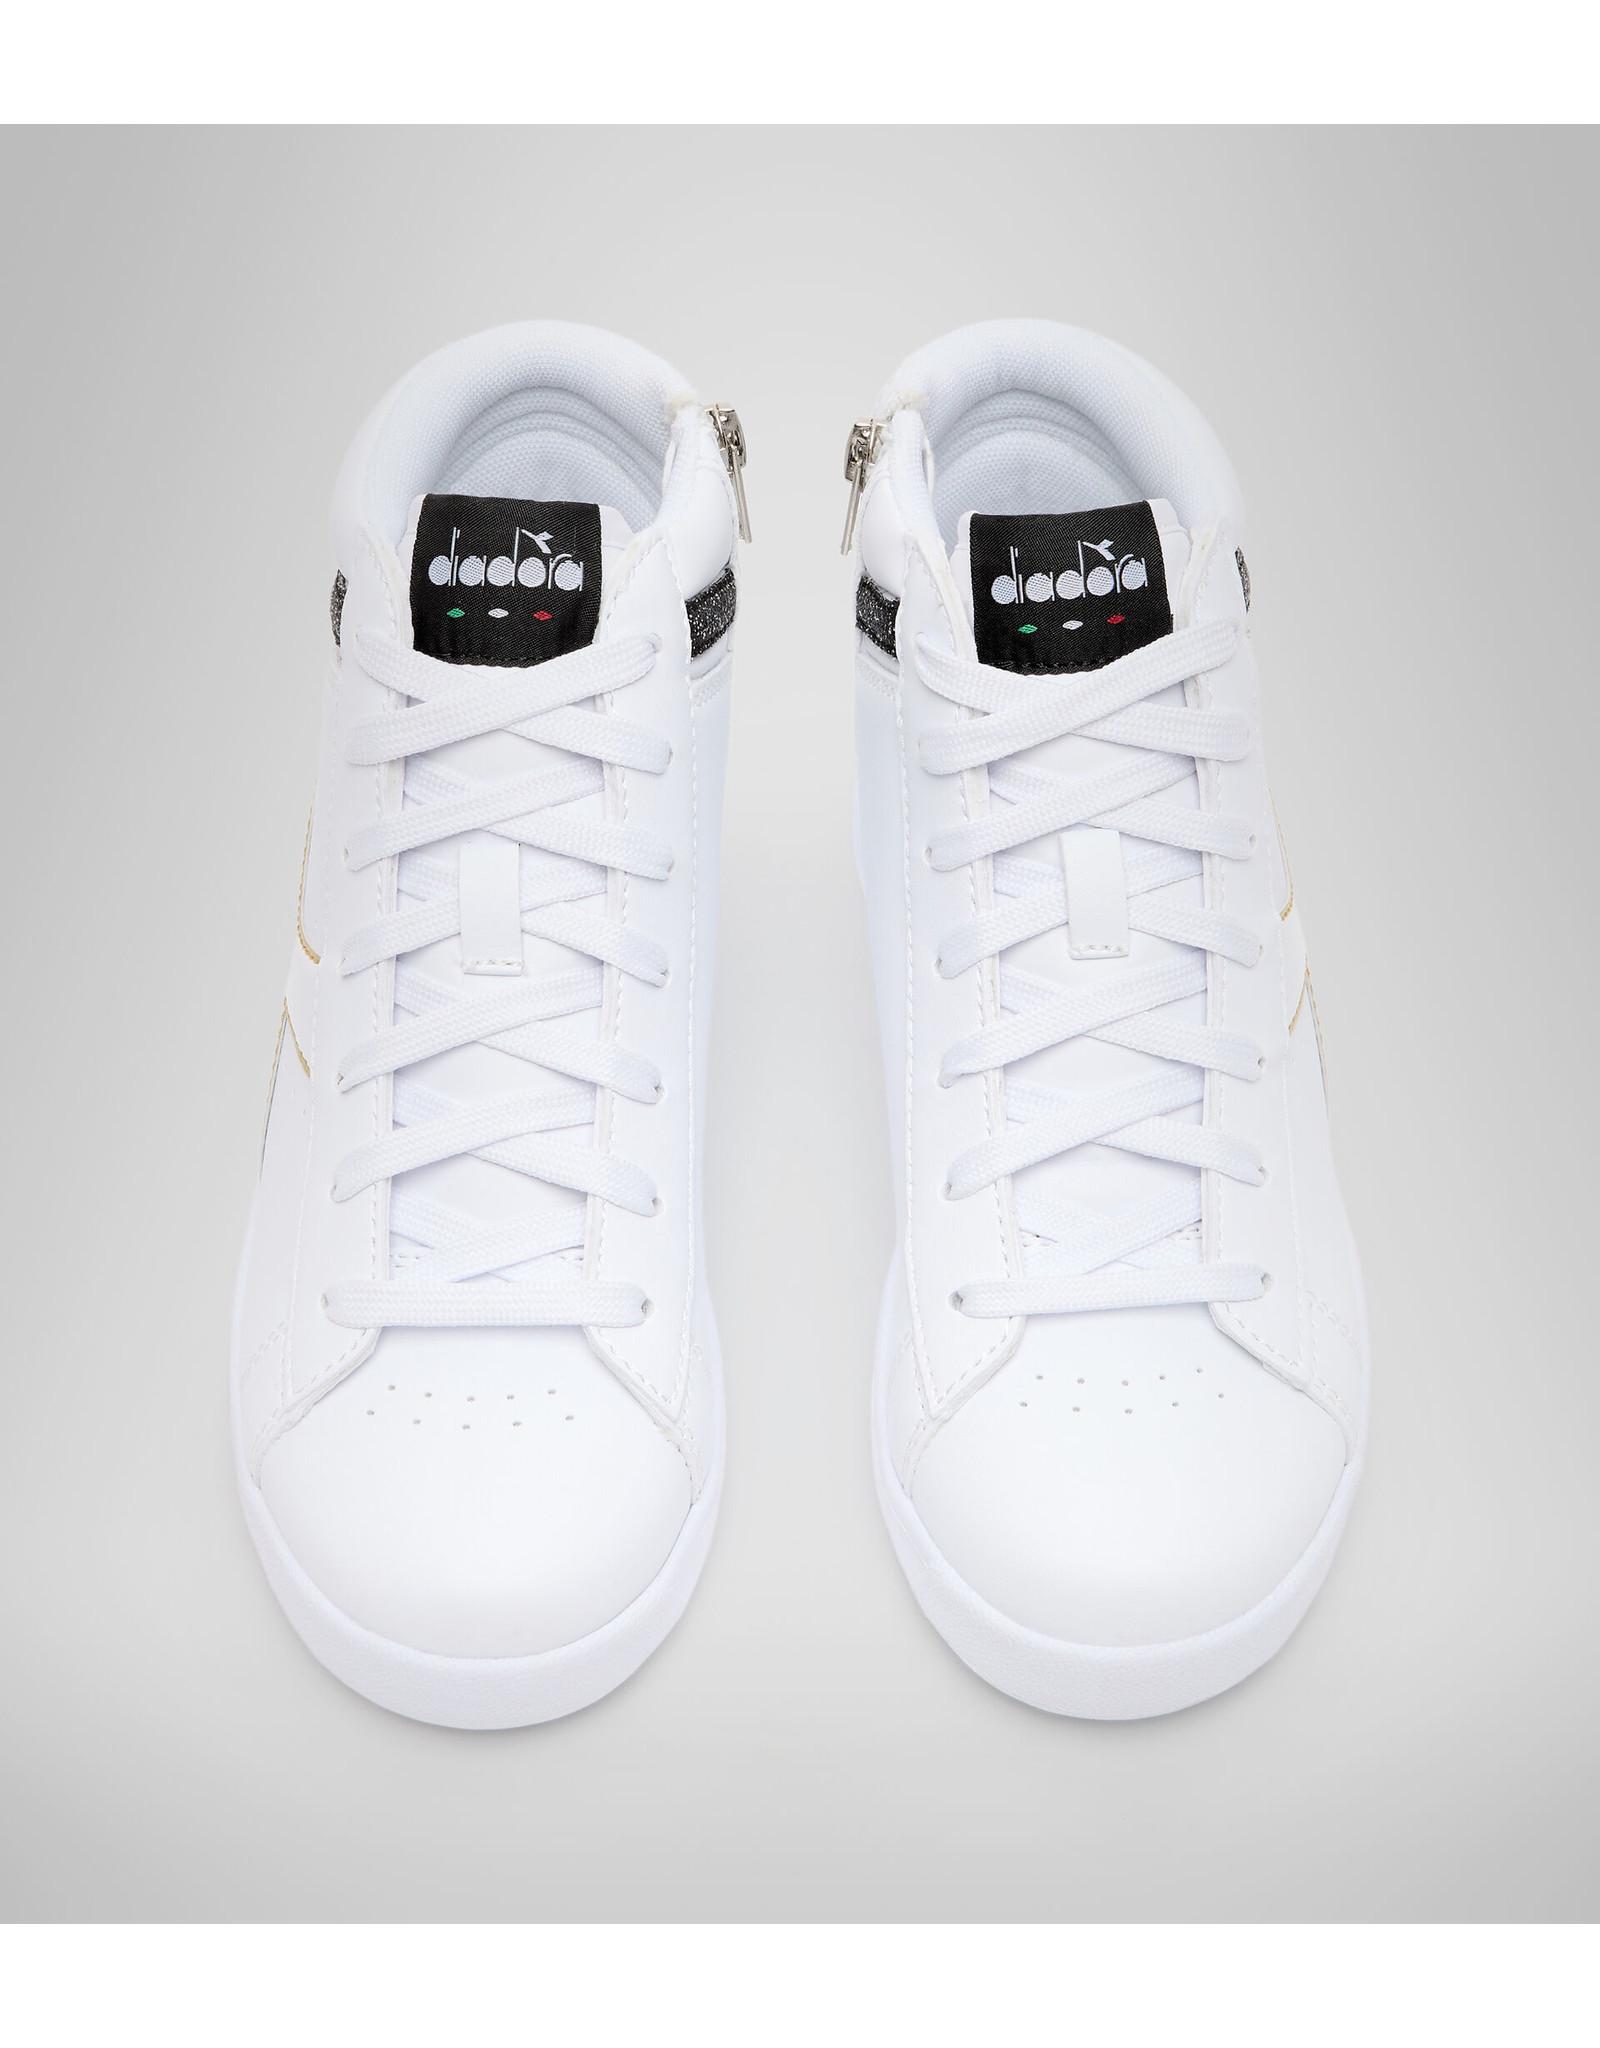 Diadora high top sneaker wit zwart goud